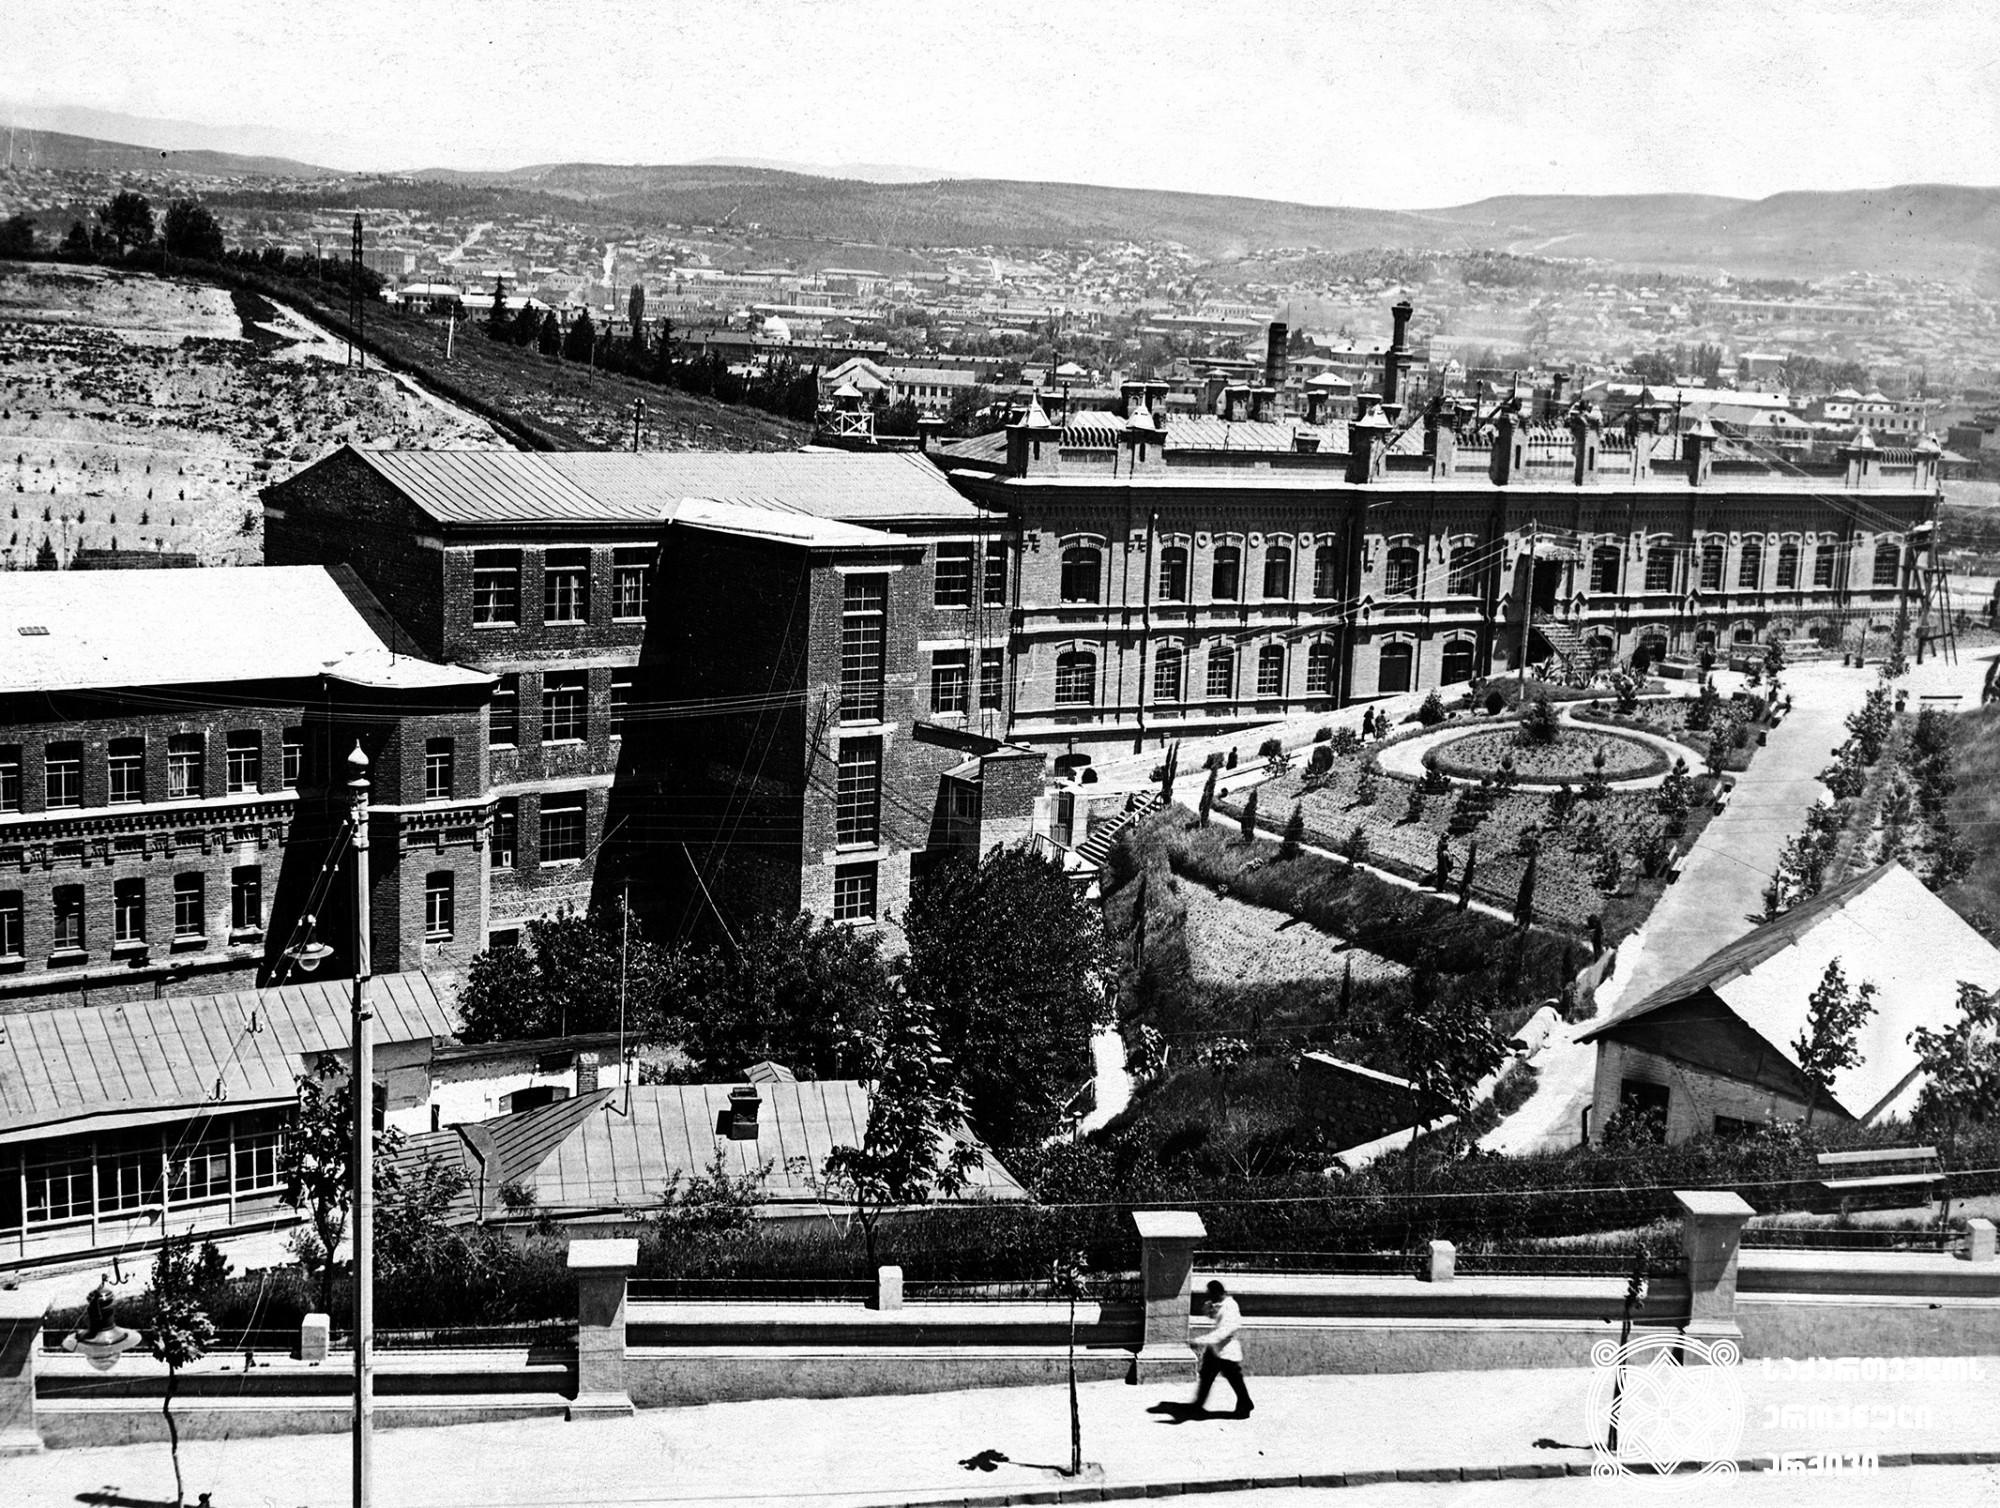 აბრეშუმ-საქსოვი ქარხანა. თბილისი. <br>ავტორი უცნობია [1930-იანი]. <br> Silk-knitting Factory. Tbilisi. <br> Unknown Photographer. [1930s]. <br>